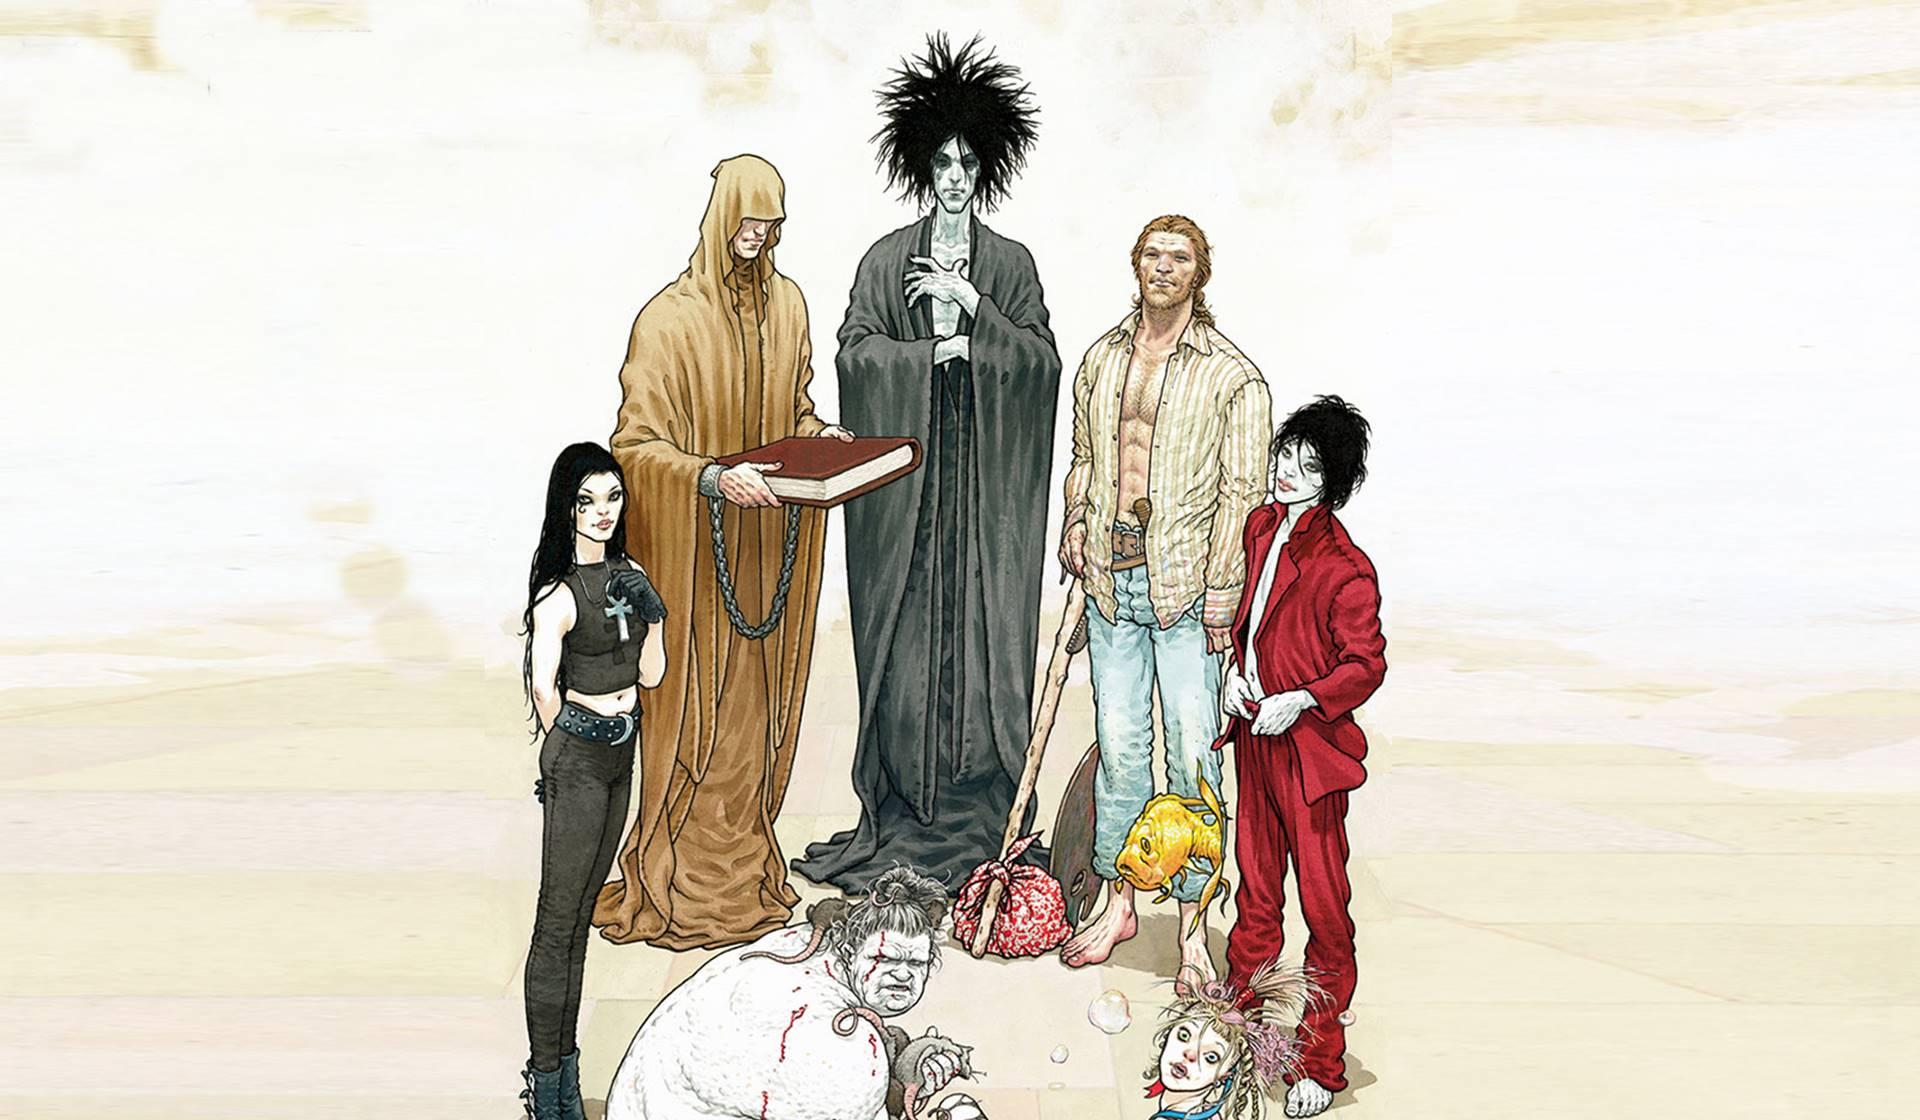 The Sandman serie de Netflix que adapta el comic de Neil Gaiman